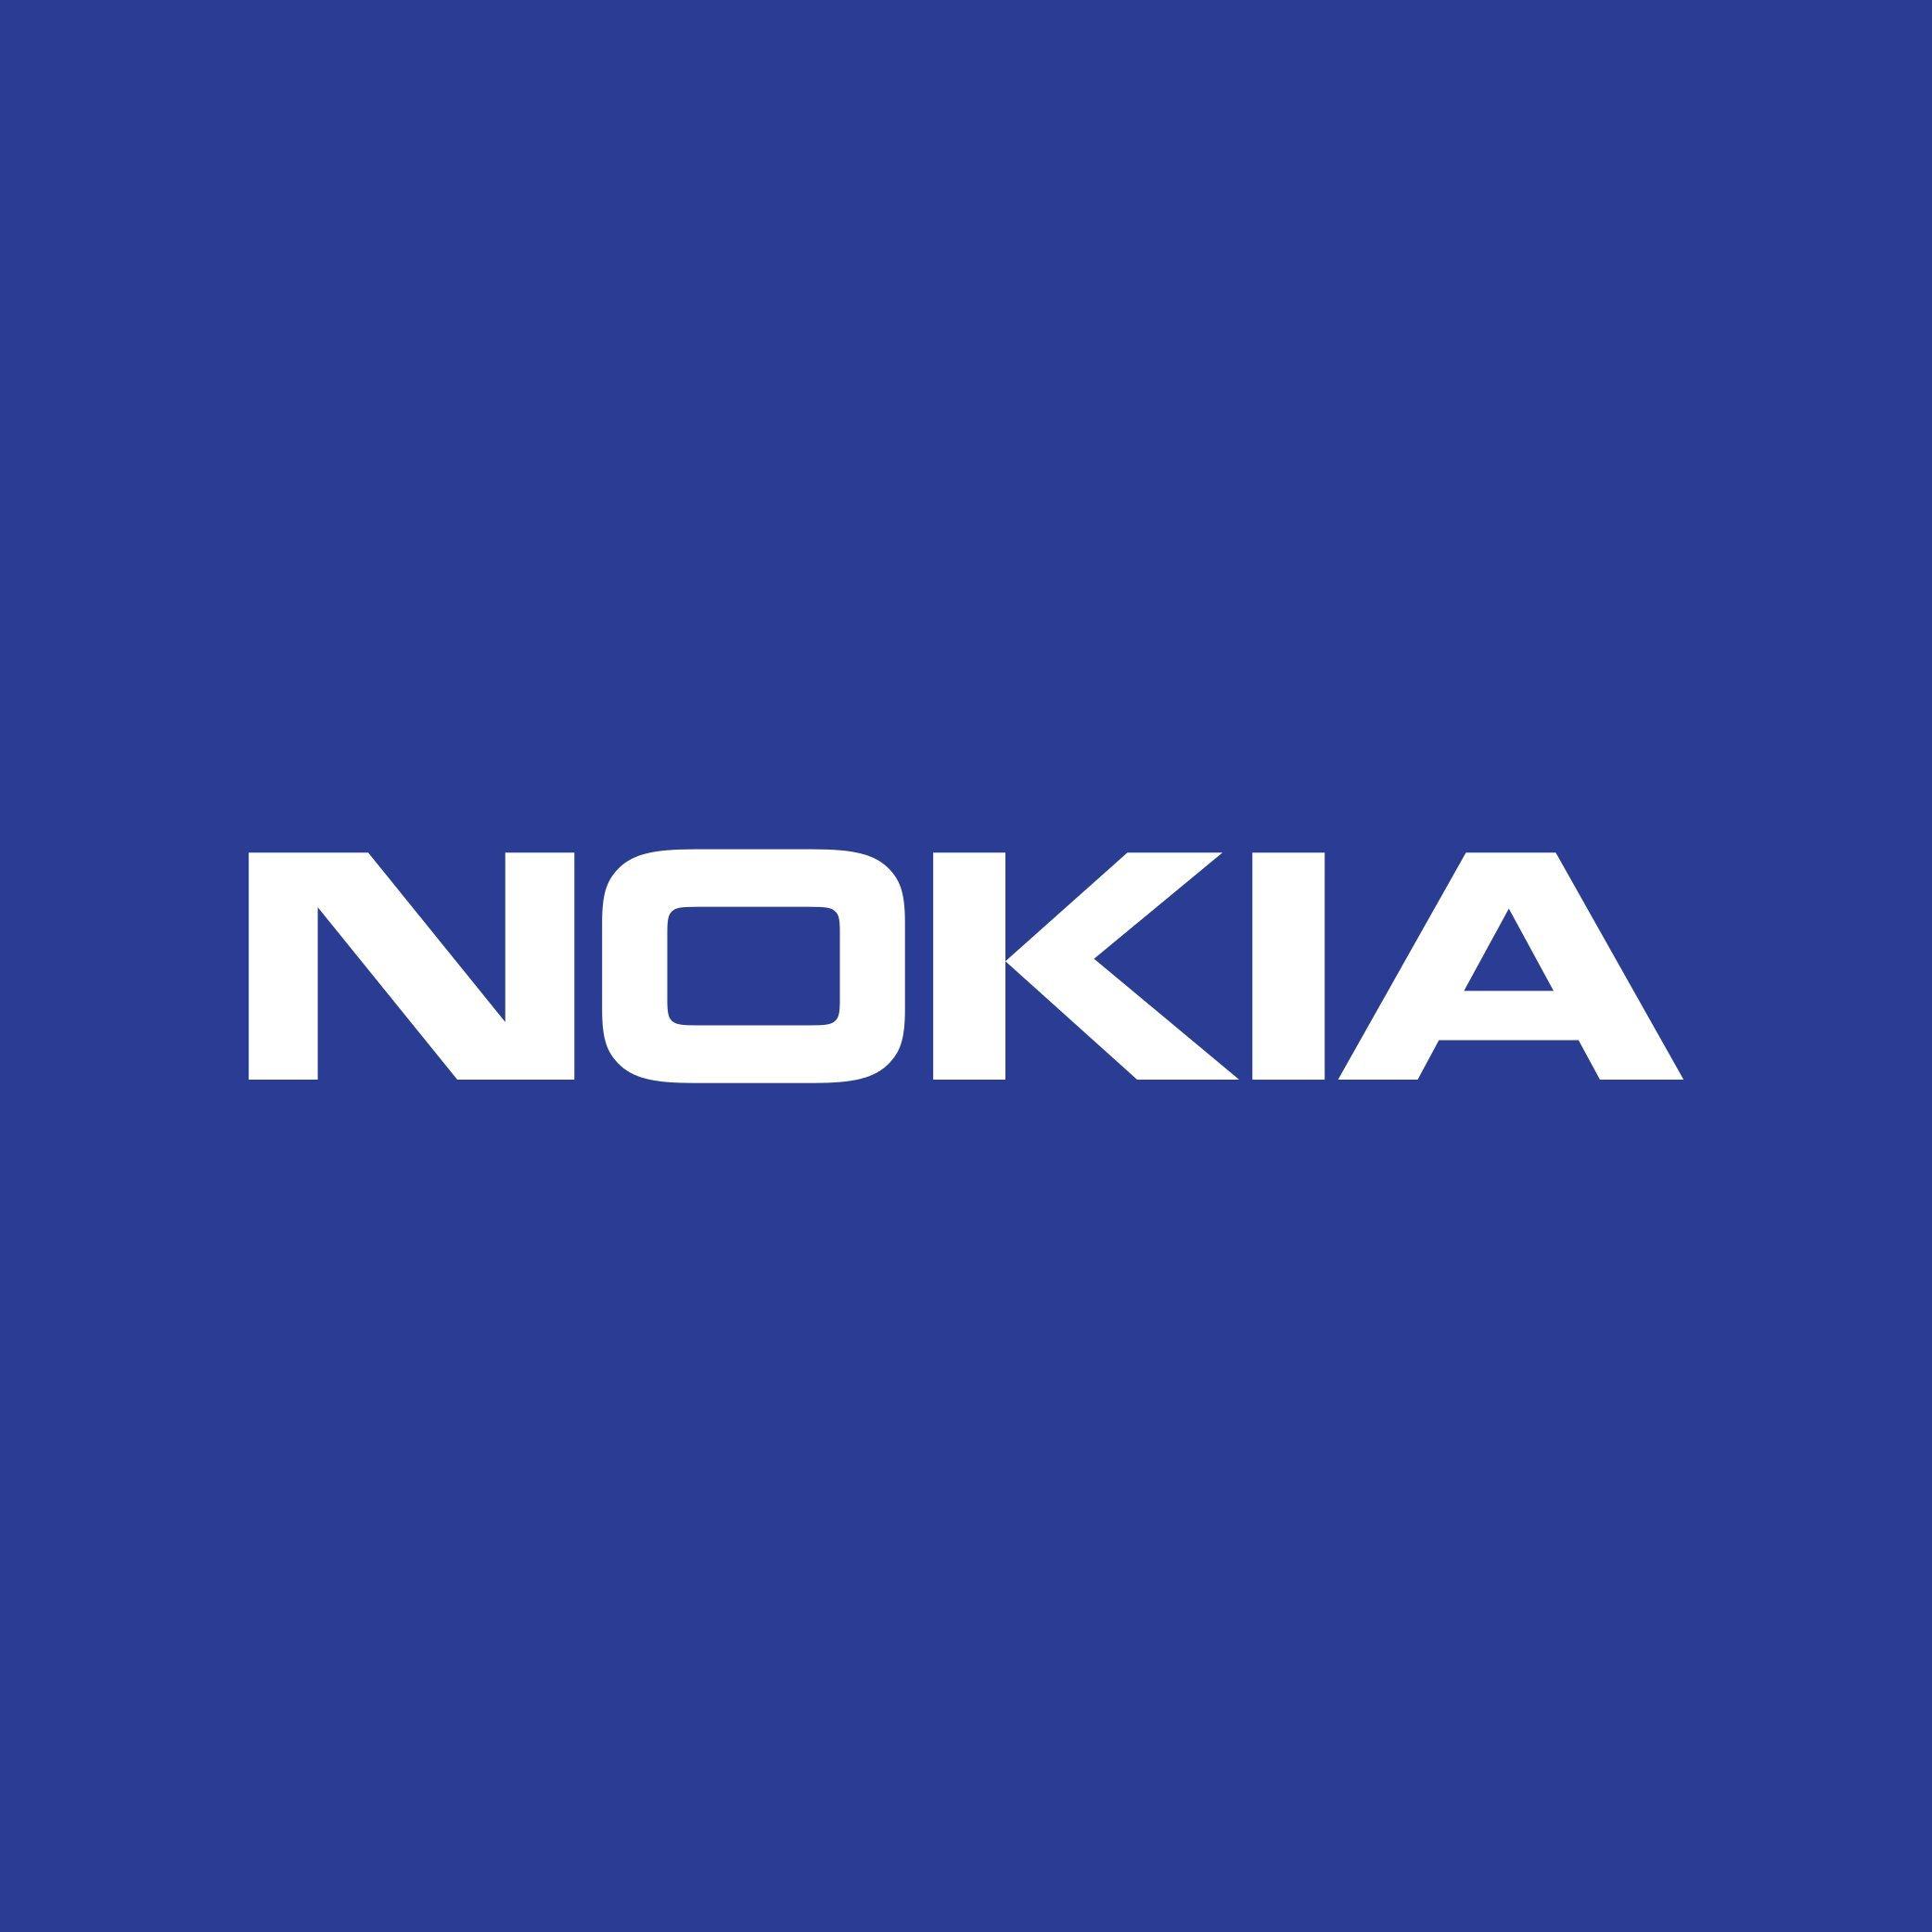 Nokia официально объявила о покупке Alcatel-Lucent - Изображение 1